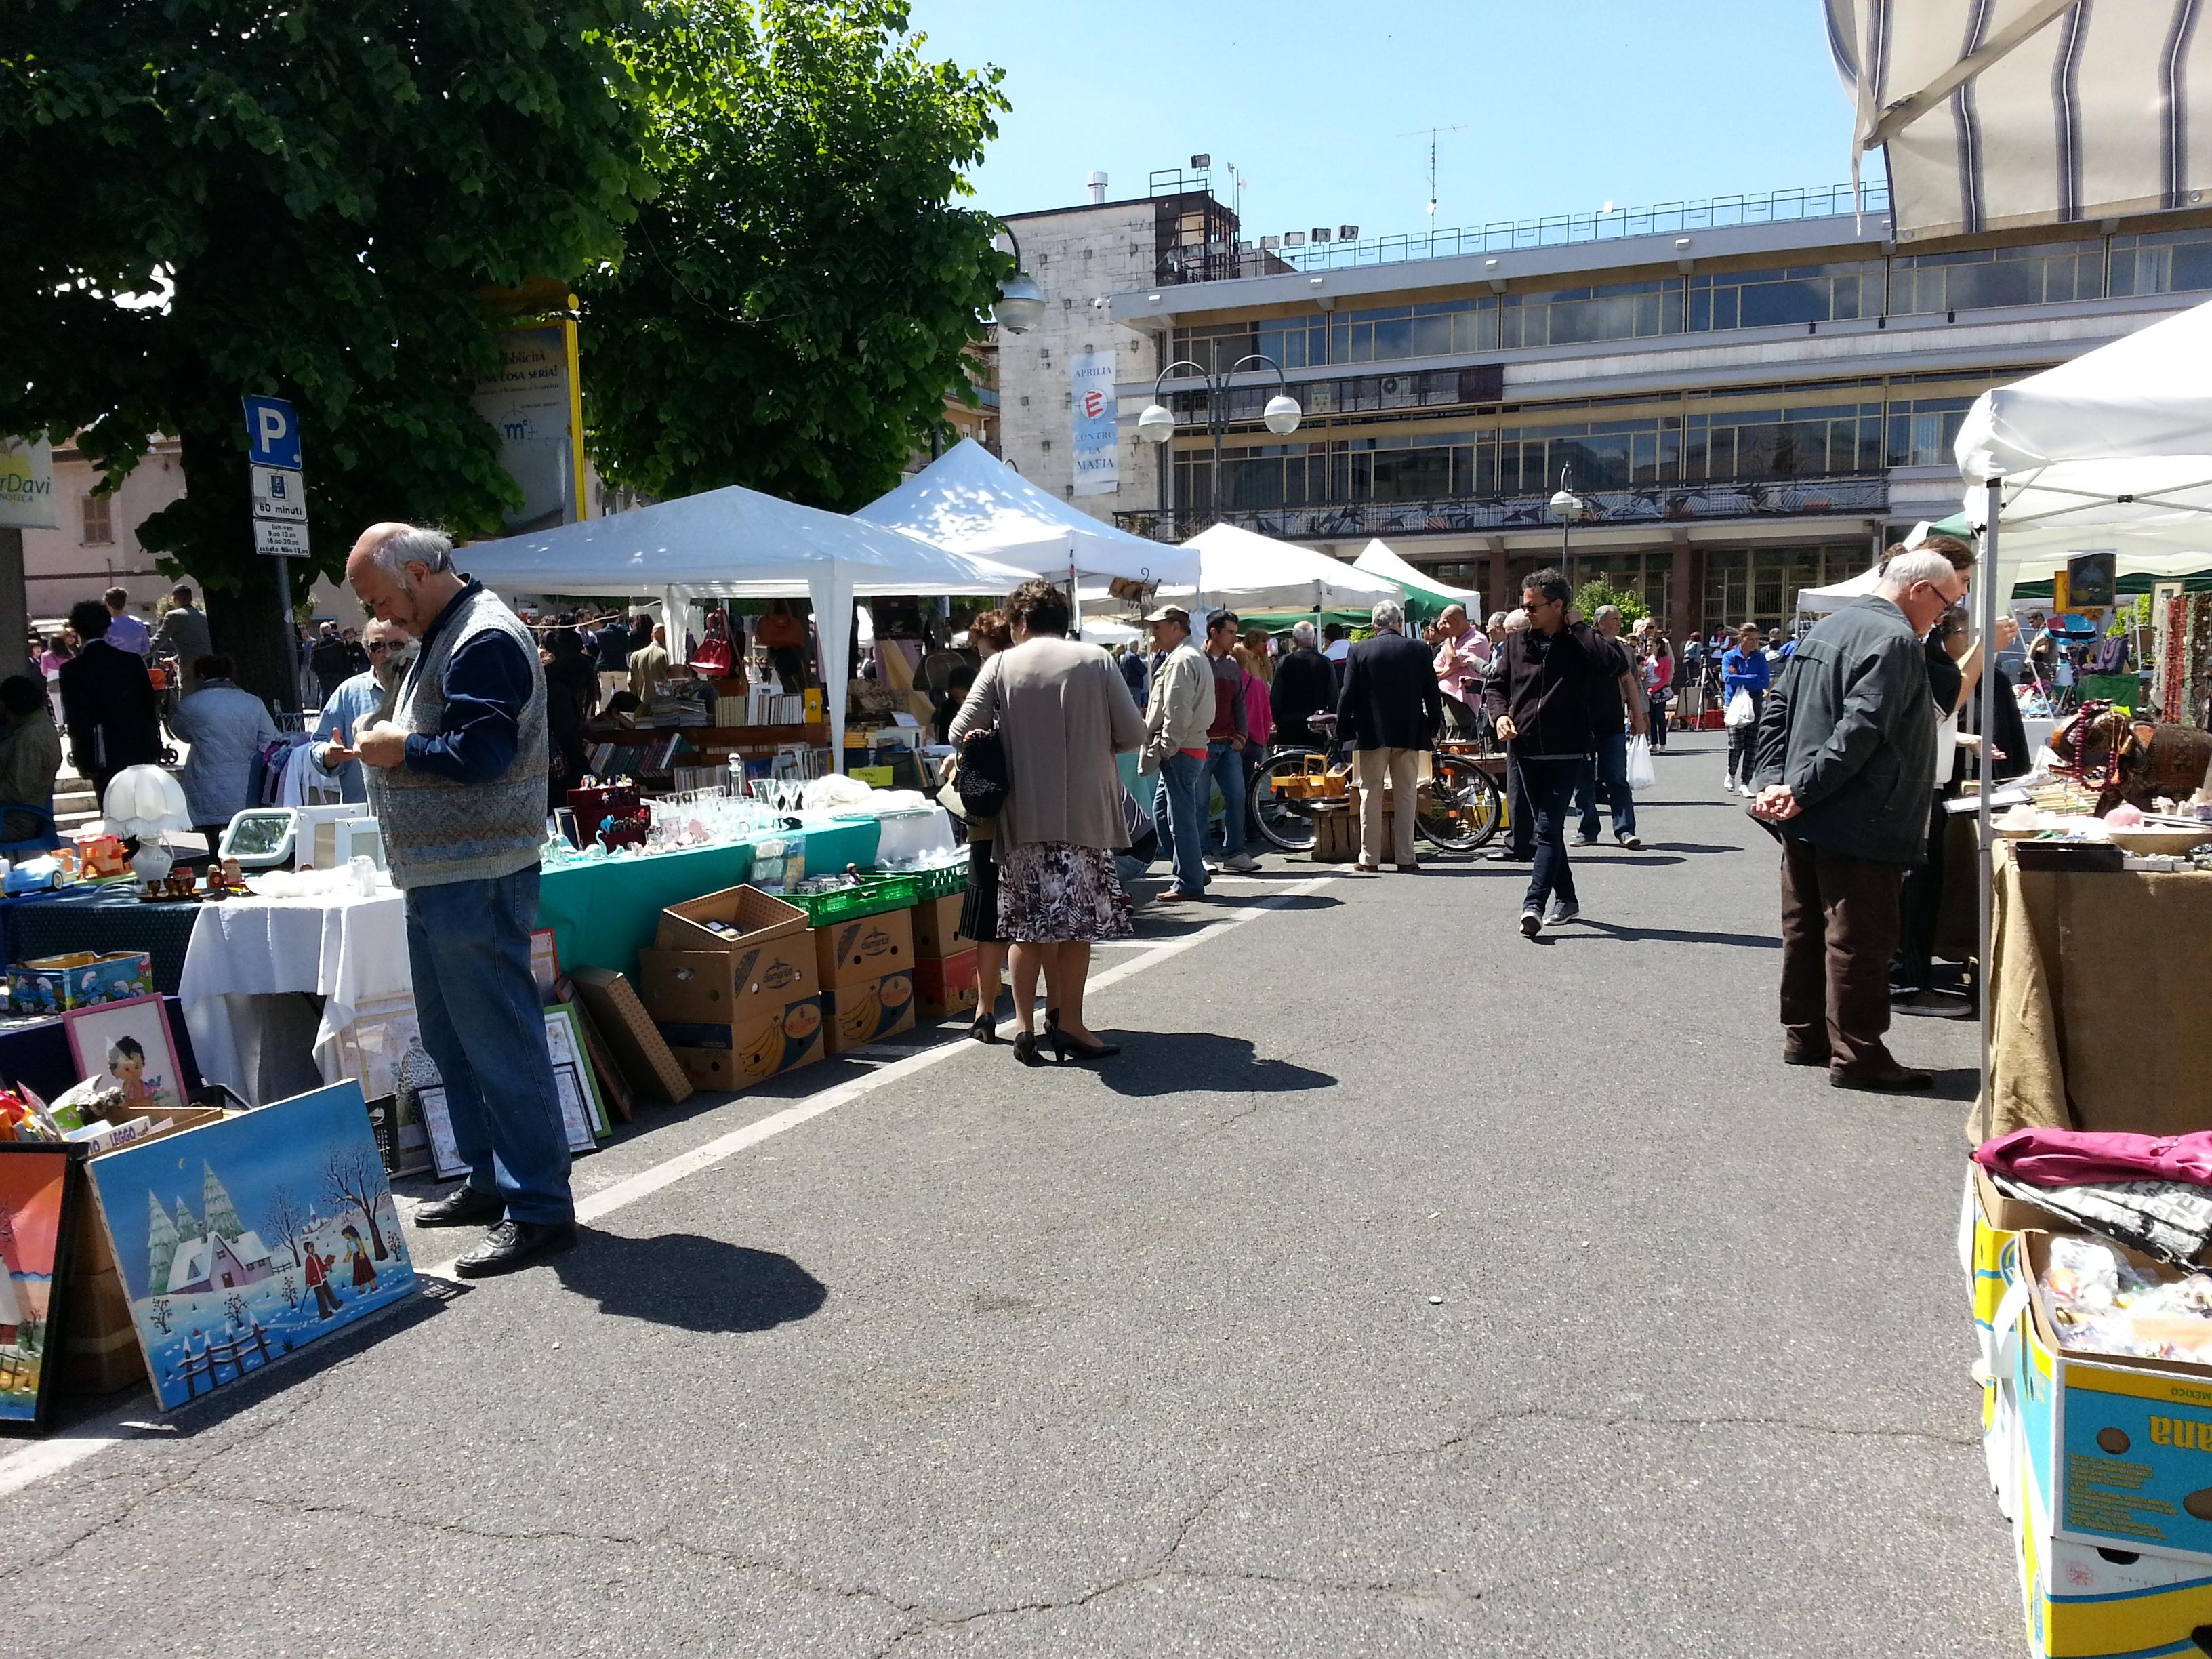 Ricordi in mostra mercatino oggi in piazza roma news di for Mercatini antiquariato oggi